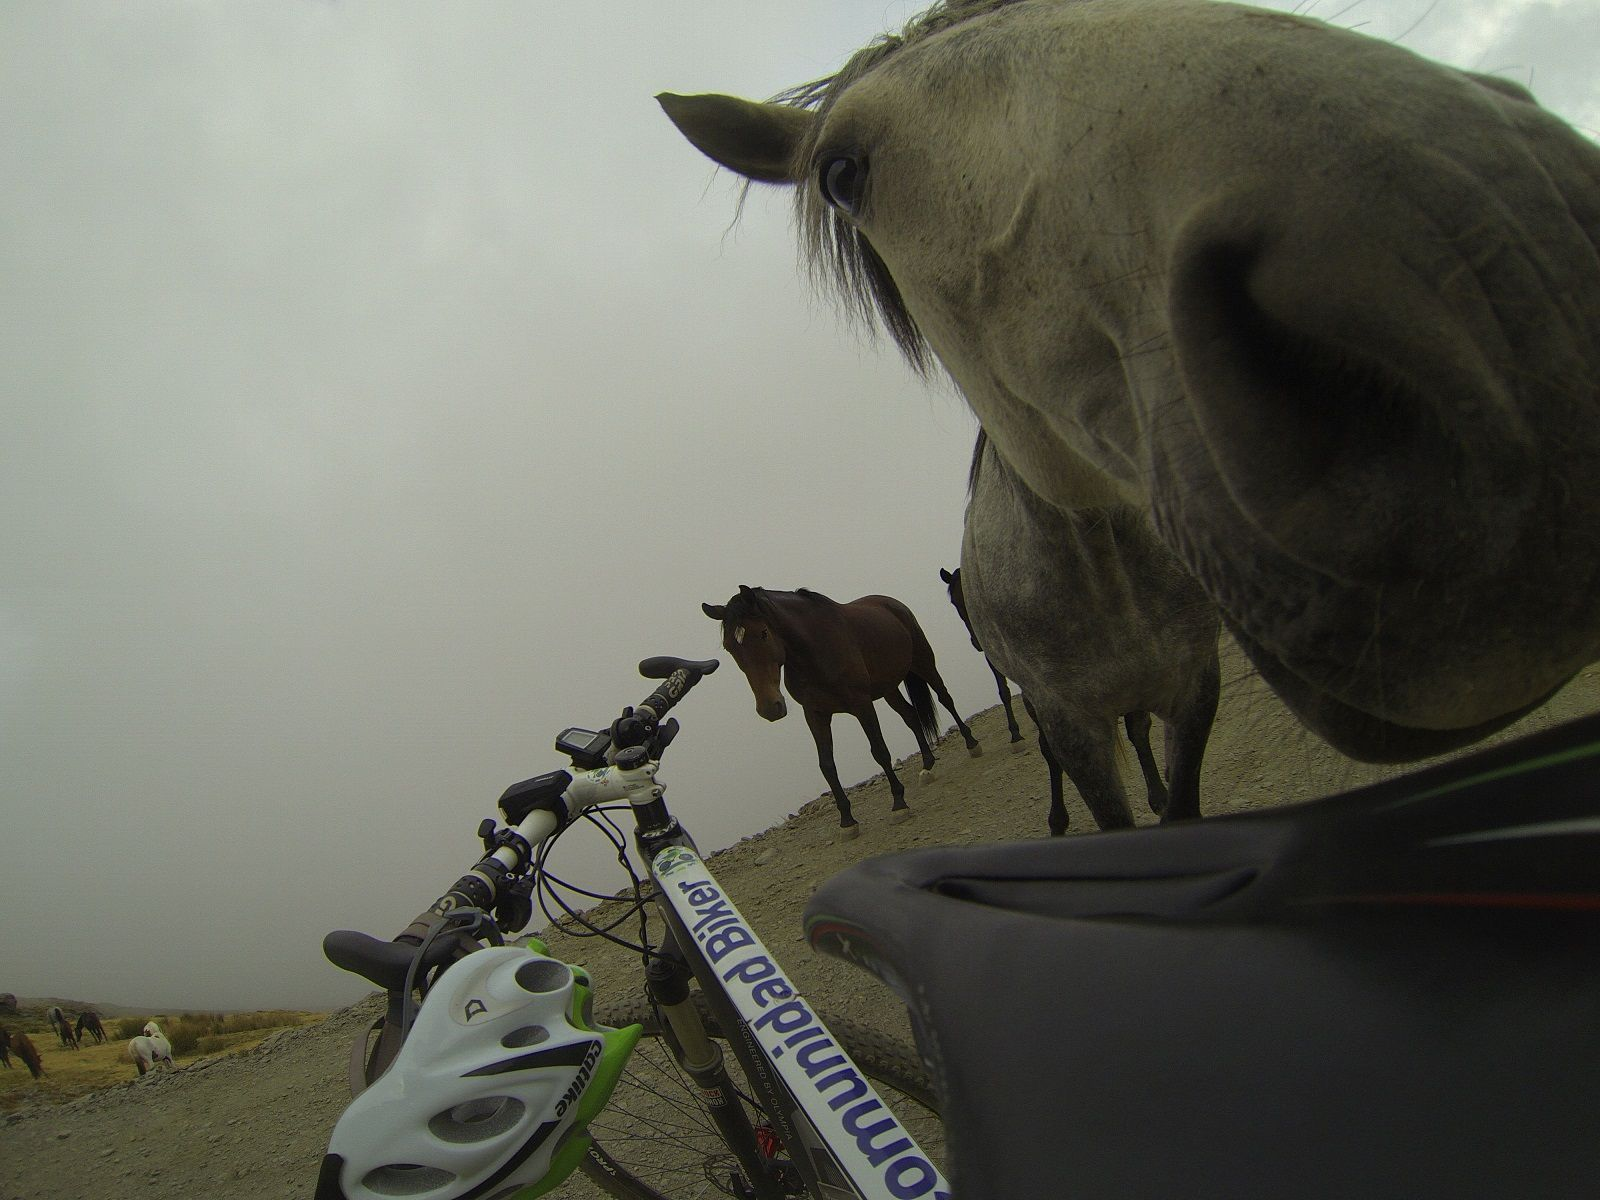 Una aventura única, una hazaña inolvidable, coronación del Veleta en Sierra Nevada por Comunidad Biker MTB